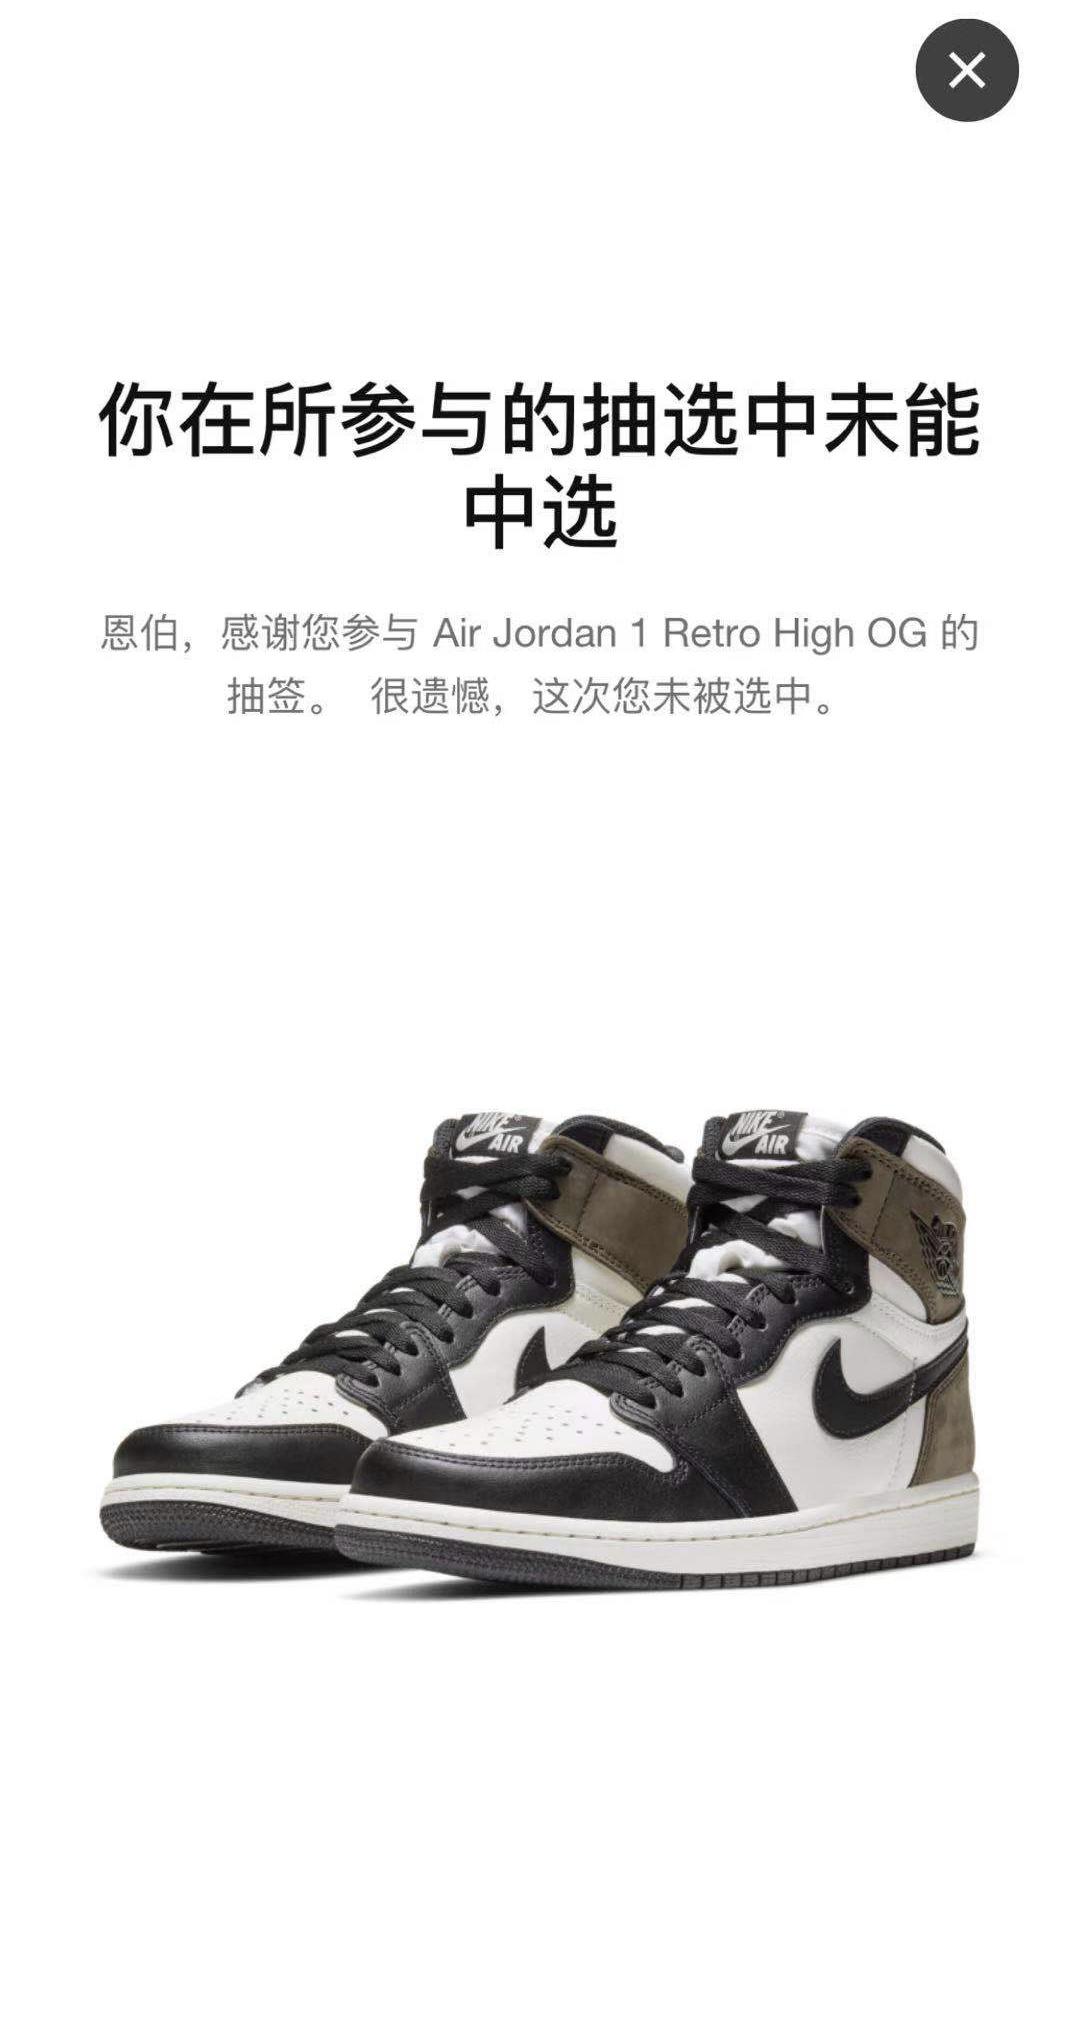 Nike,AJ1,Air Jordan 1,AJ3,Dunk  今早小倒钩 AJ1 陪跑了吗?明天还能上三次跑道!